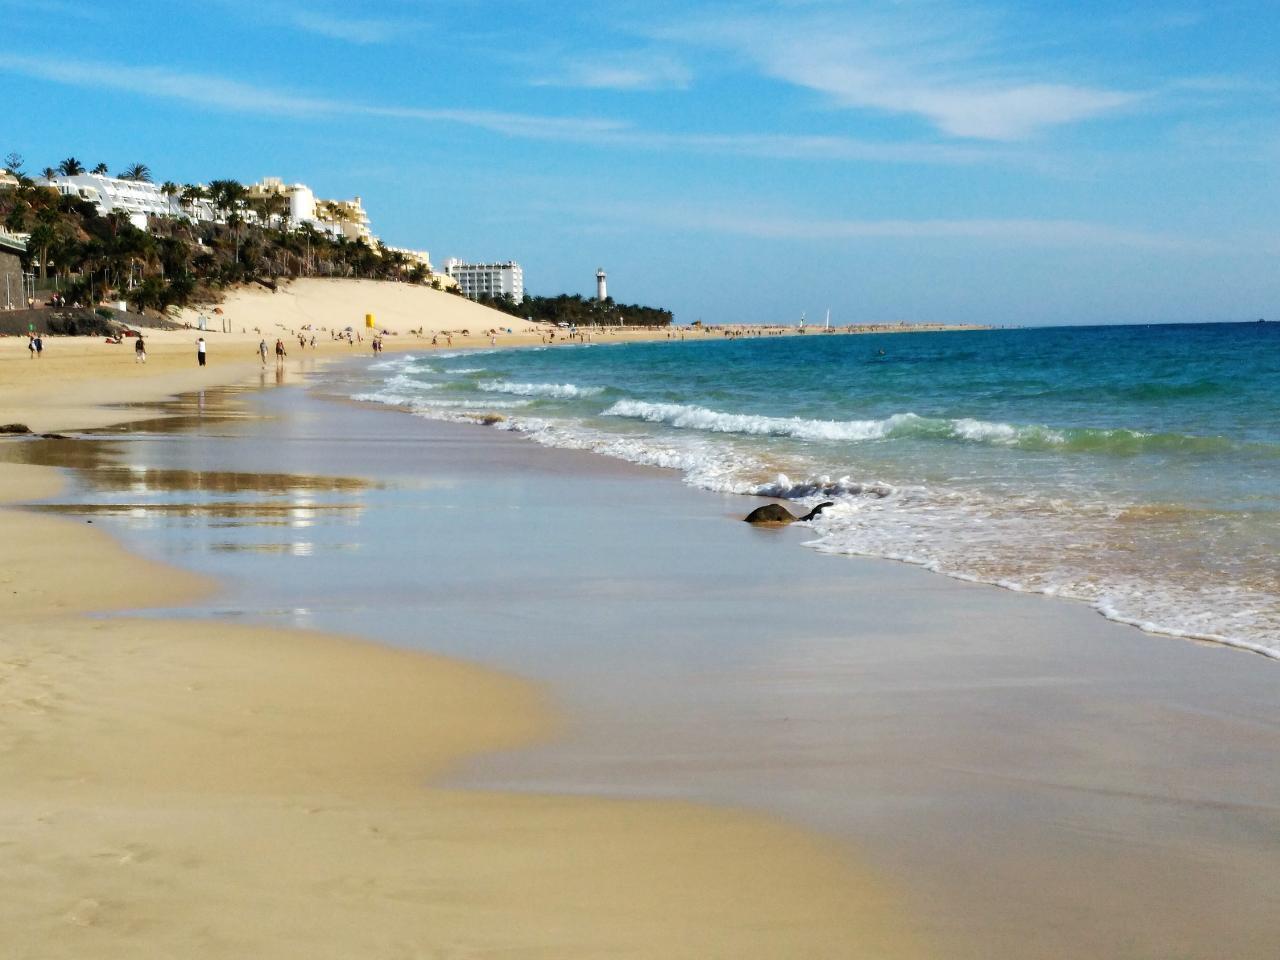 Ferienwohnung Penthouse / Apt. in der besten Gegend von Costa Calma, mit Blick auf eine große Terrasse a (487472), Costa Calma, Fuerteventura, Kanarische Inseln, Spanien, Bild 28